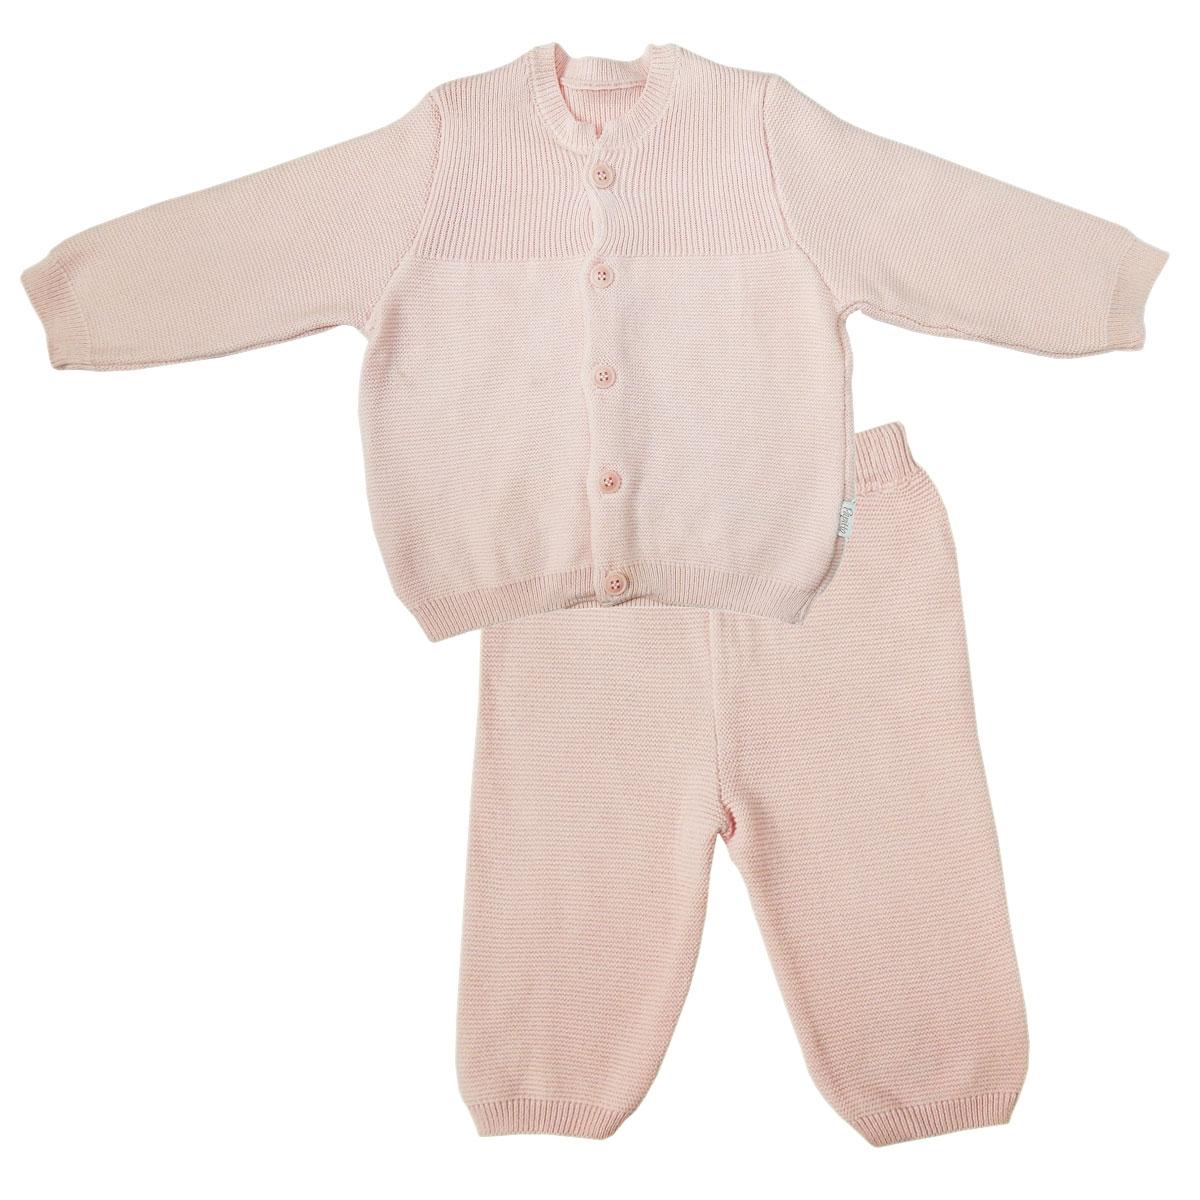 Купить Комплект Папитто вязаный: кофточка и штанишки с принтом Розовый 73-7004 р.22-74, Комплекты для новорожденных